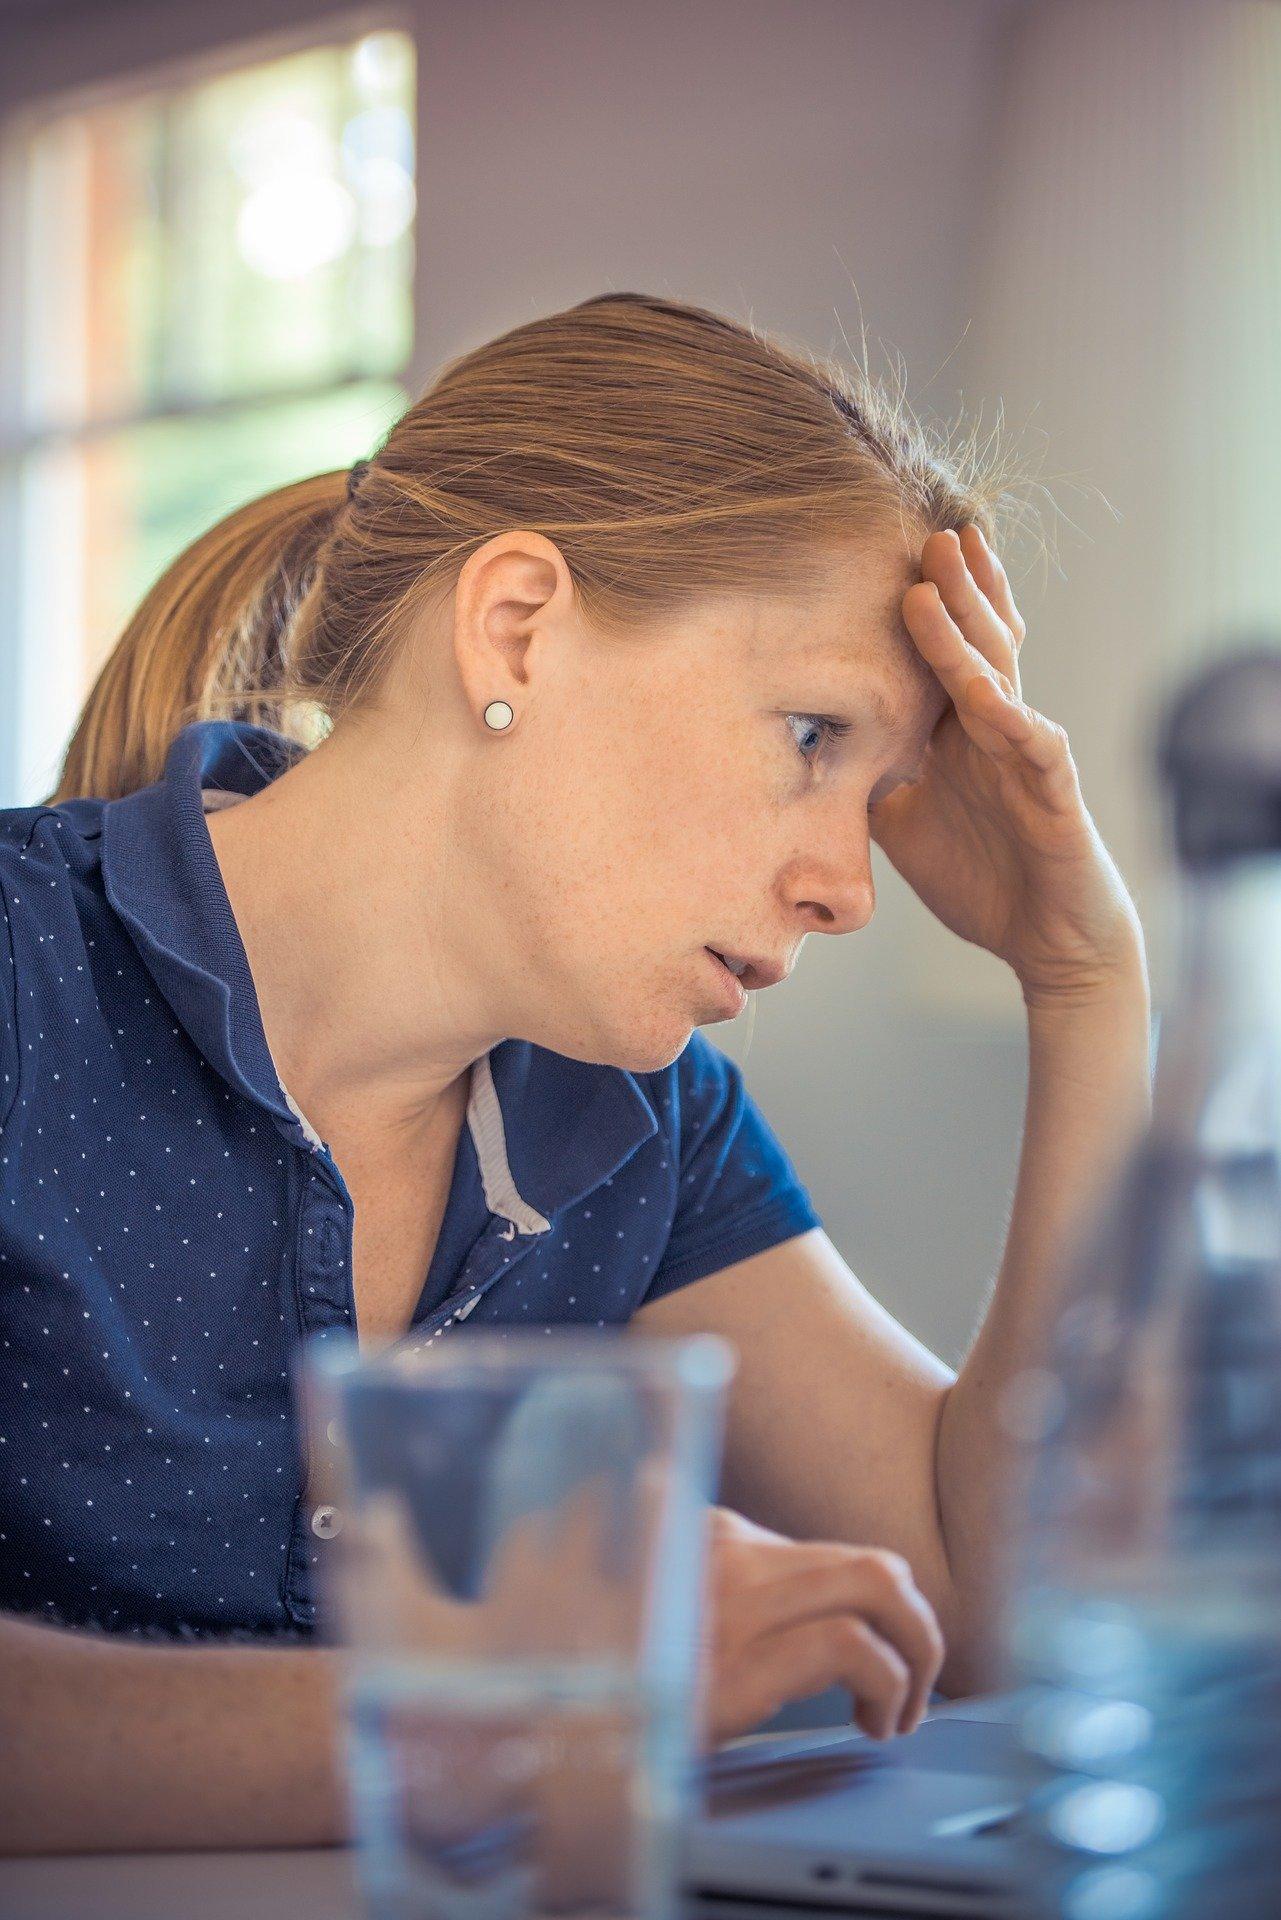 Berufstätige Mütter bis zu 40% mehr betont wird, findet Studie